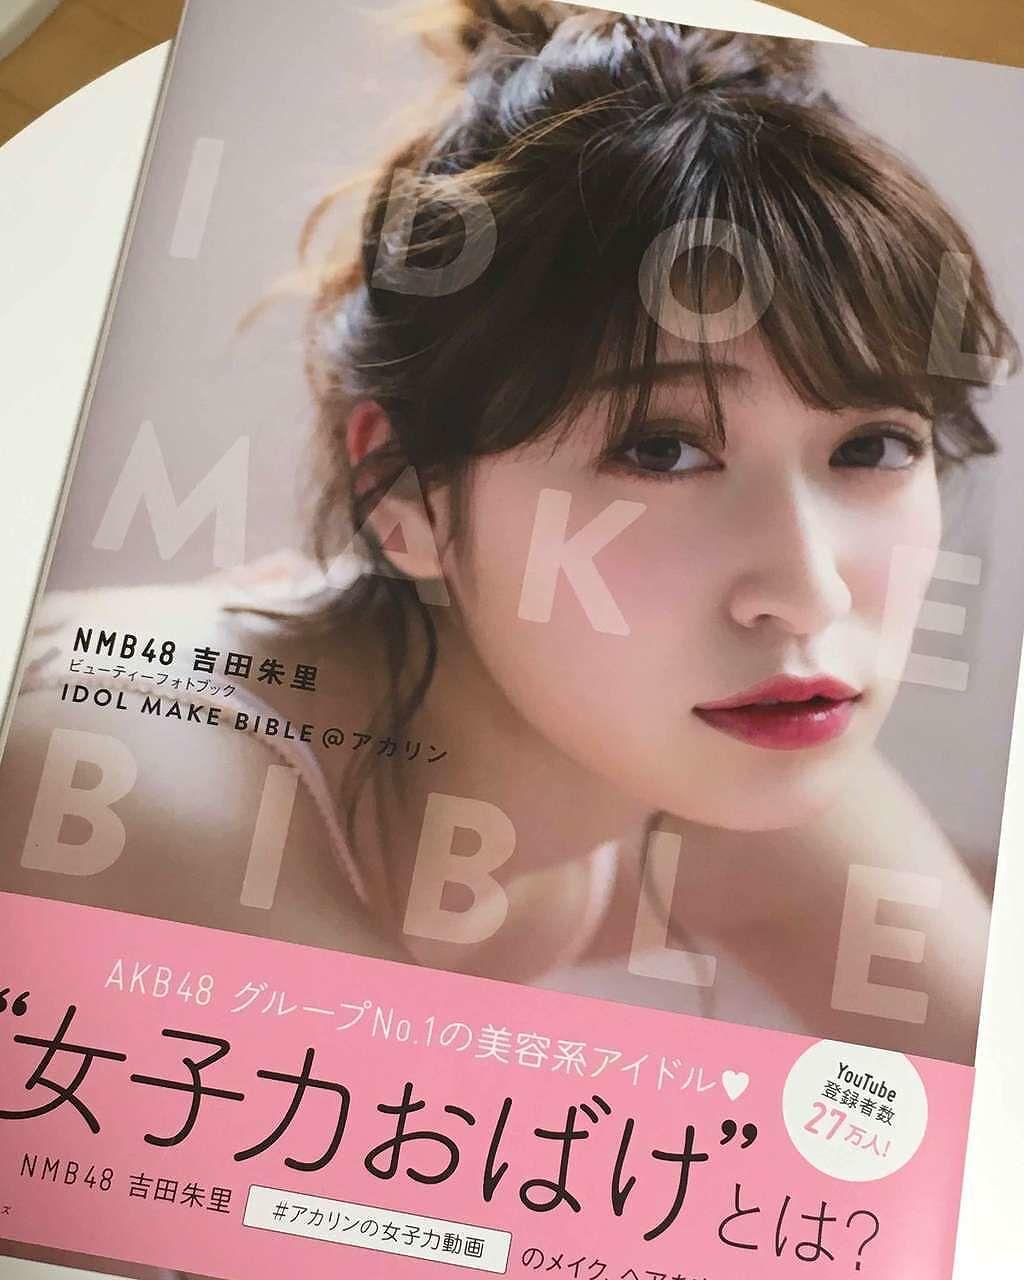 その他のブランドのIDOL MAKE BIBLE   吉田朱里(アカリンフォトブック)